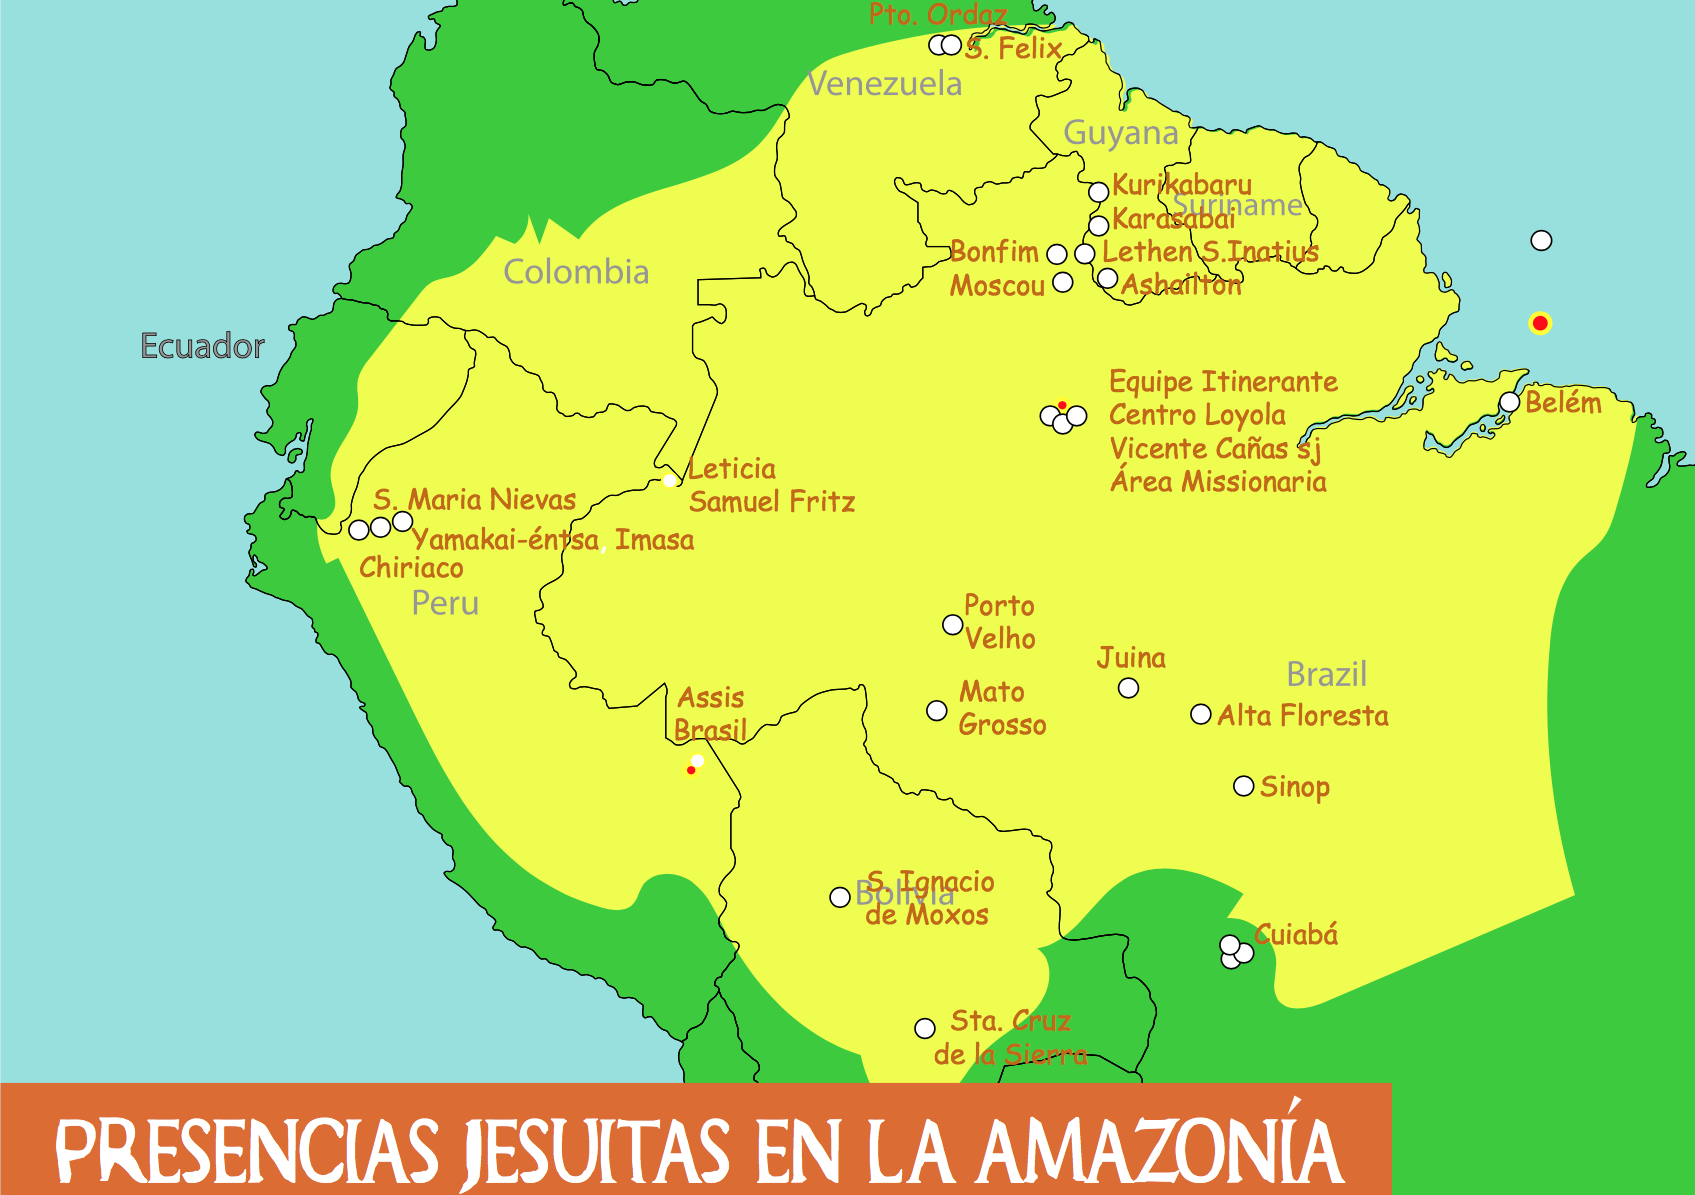 Profundizando las relaciones y la colaboración con América Latina: Encuentro anual de Ecojesuit en 2018 en Leticia, Colombia